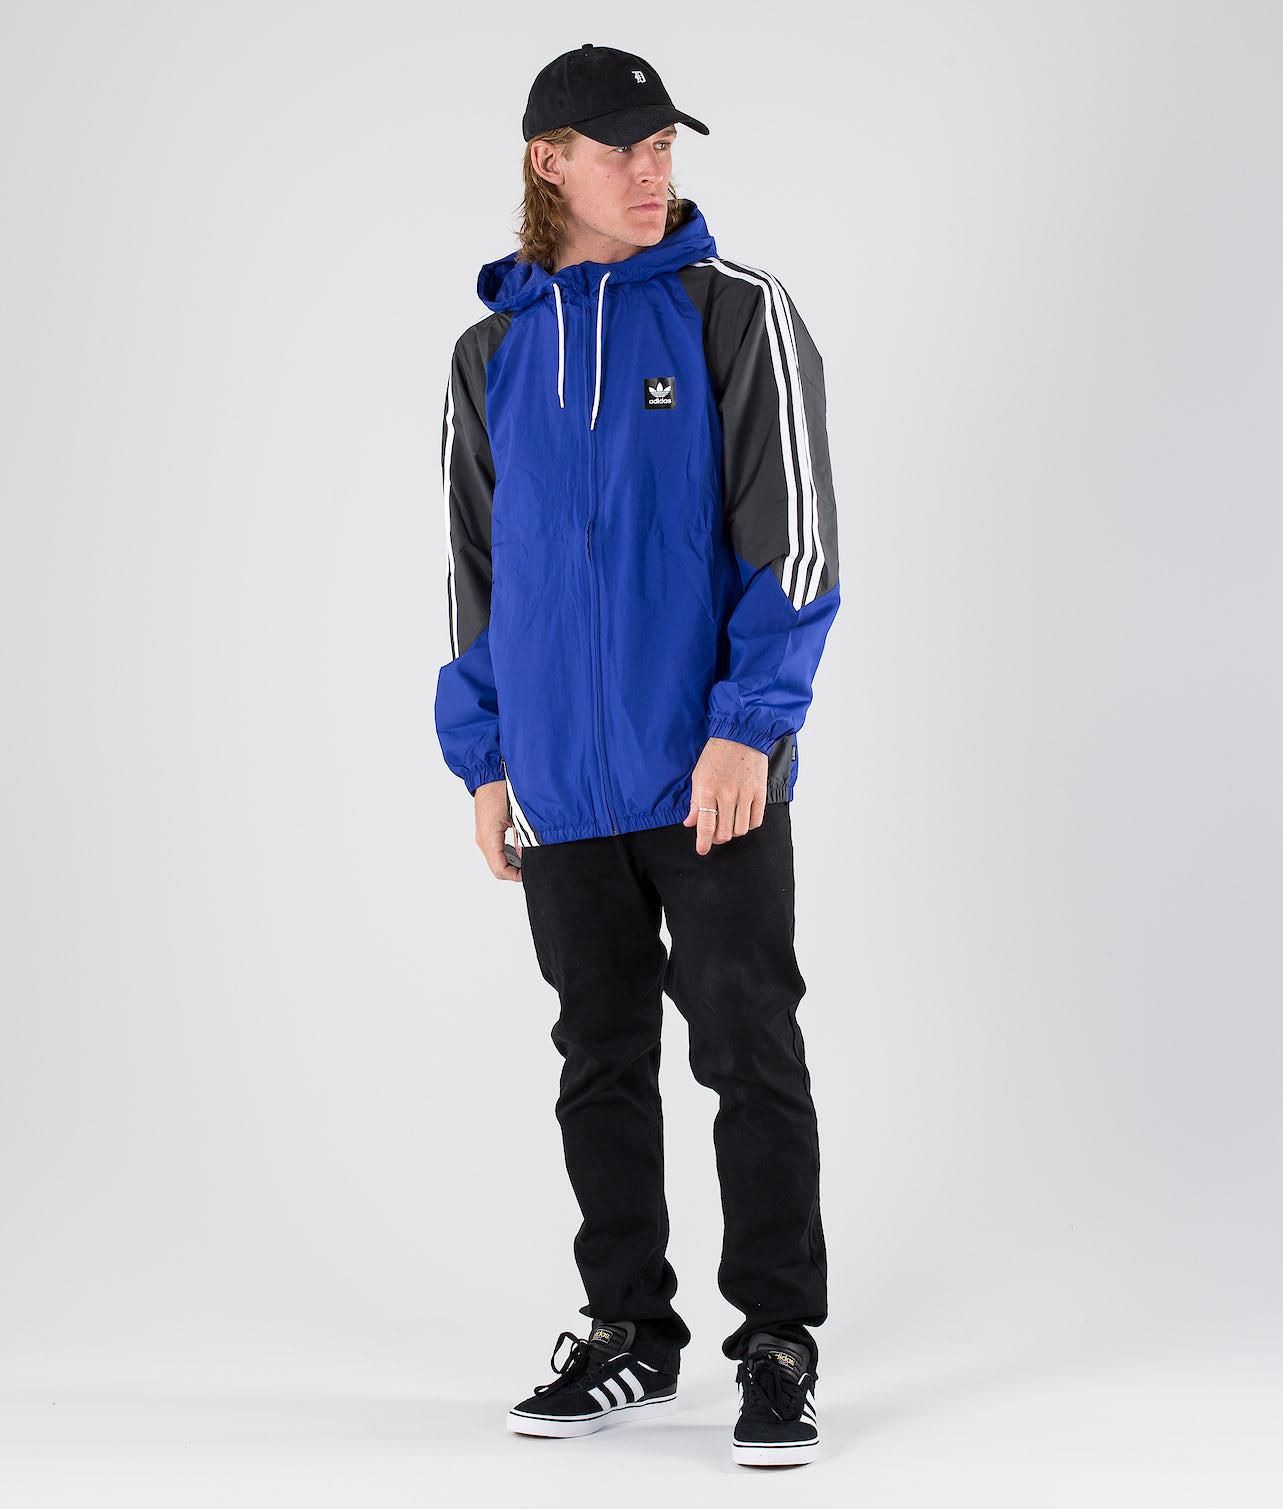 Kjøp Insley Jakke fra Adidas Skateboarding på Ridestore.no - Hos oss har du alltid fri frakt, fri retur og 30 dagers åpent kjøp!